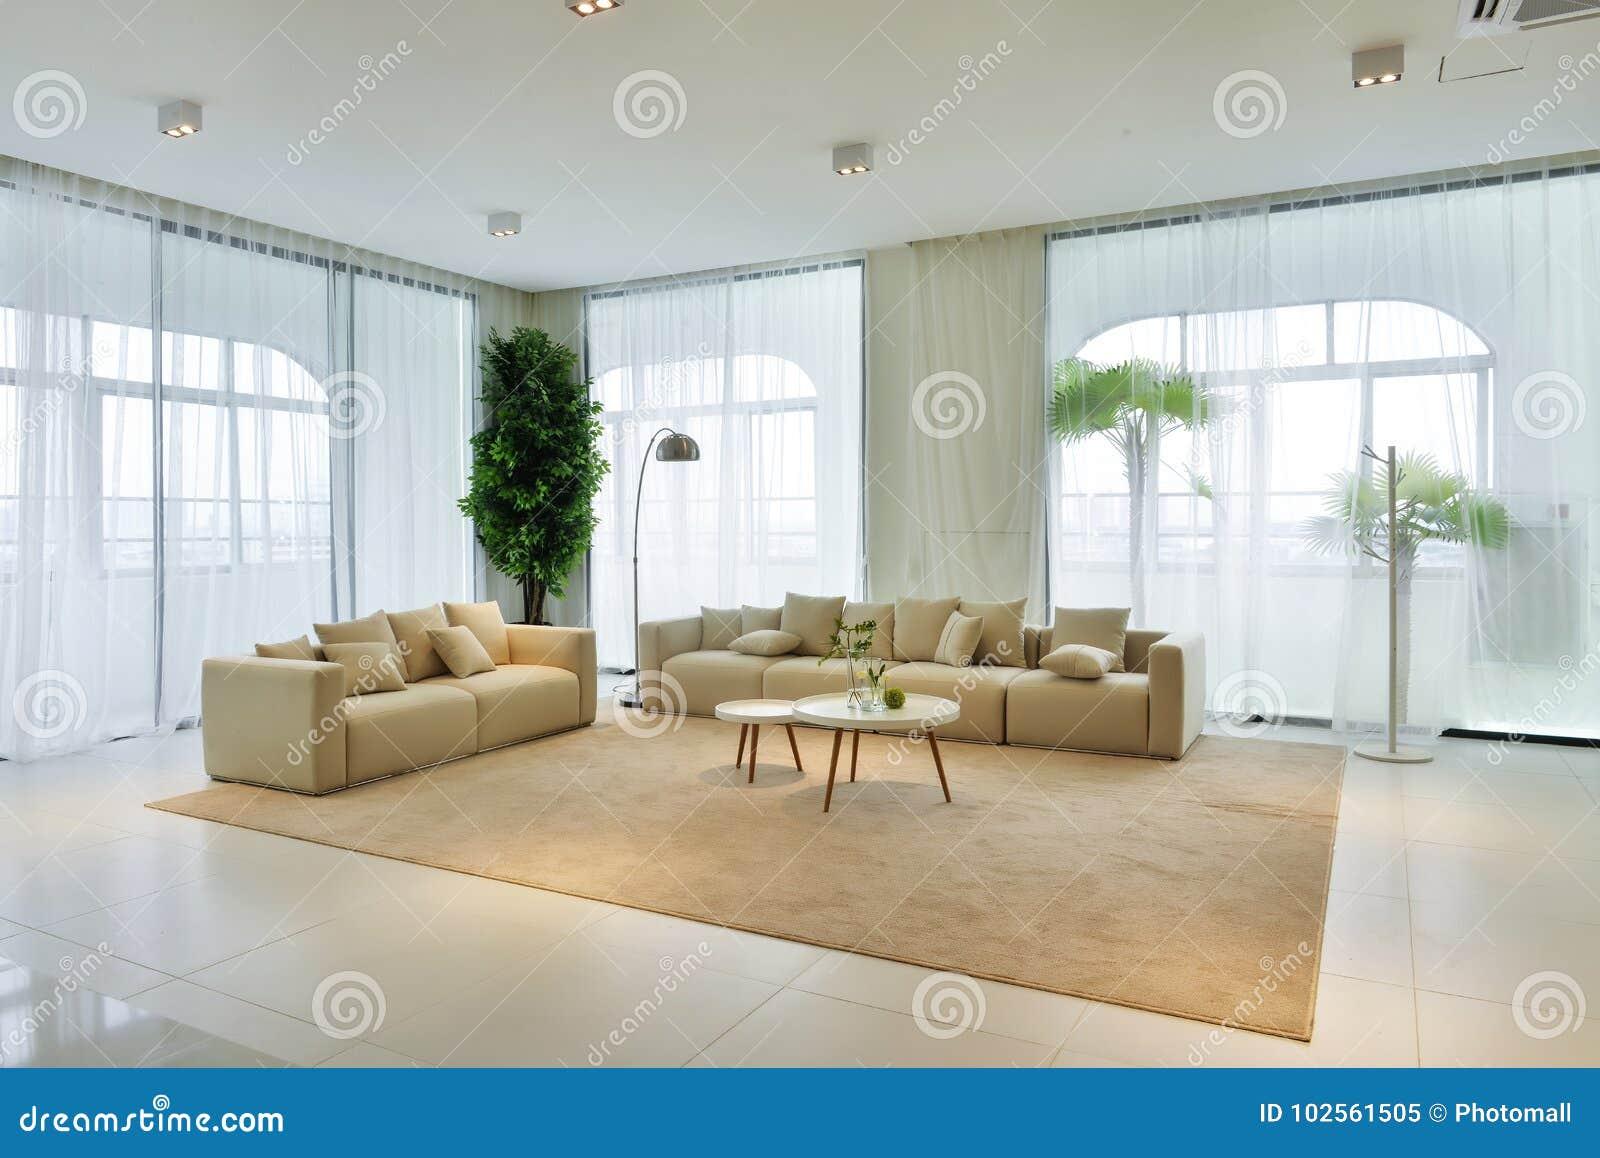 Intérieur De Salon De Maison Moderne Image stock - Image du ...